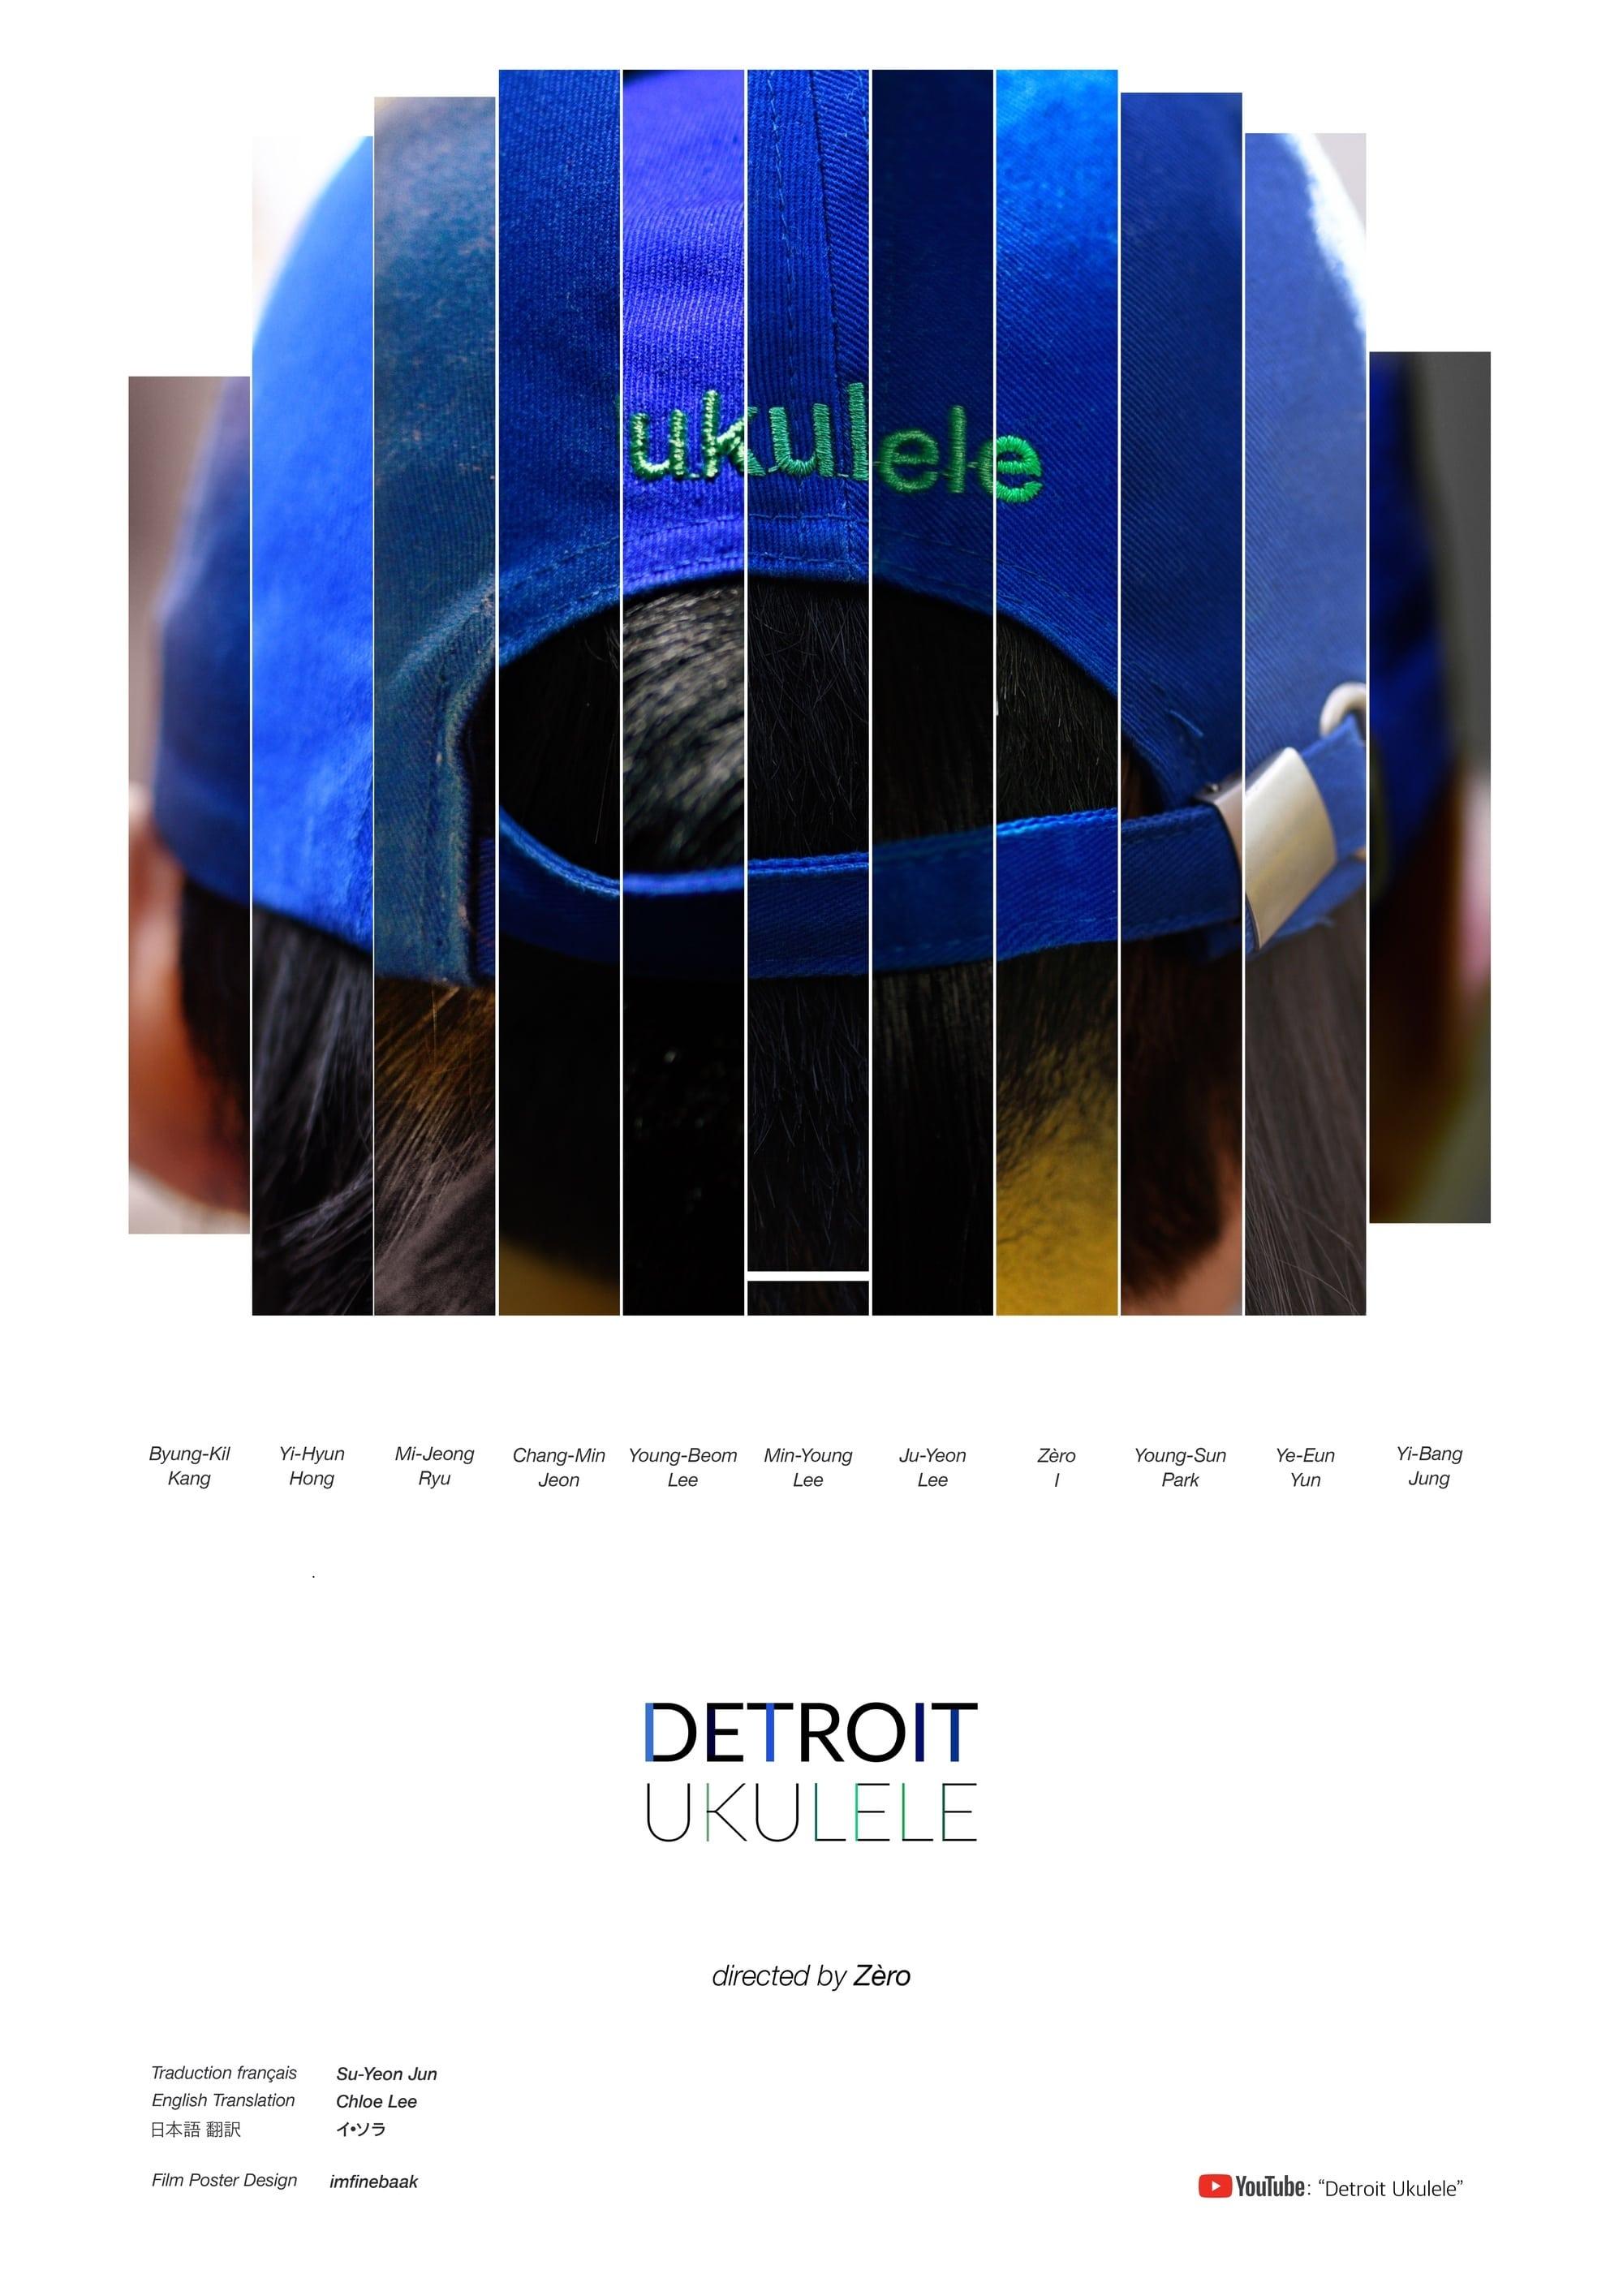 Detroit Ukulele (2018)